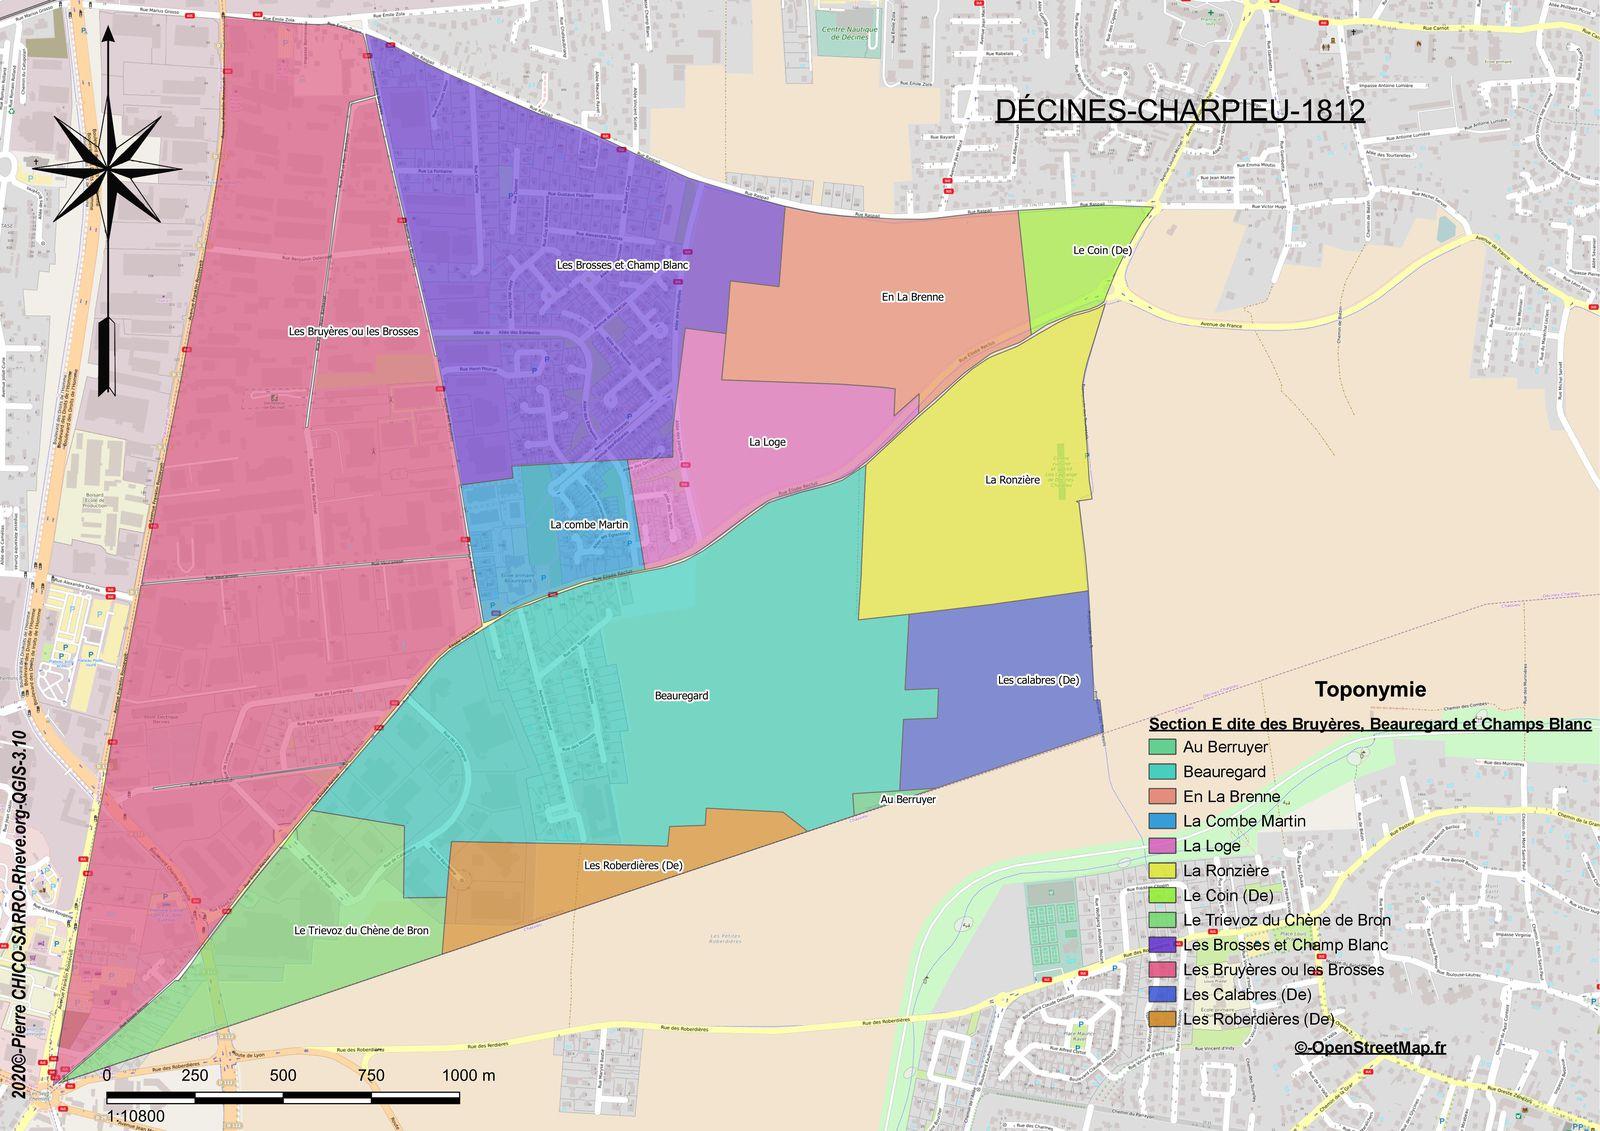 Distribution des toponymes de la section E dite des Bruyères à Décines-Charpieu en 1812